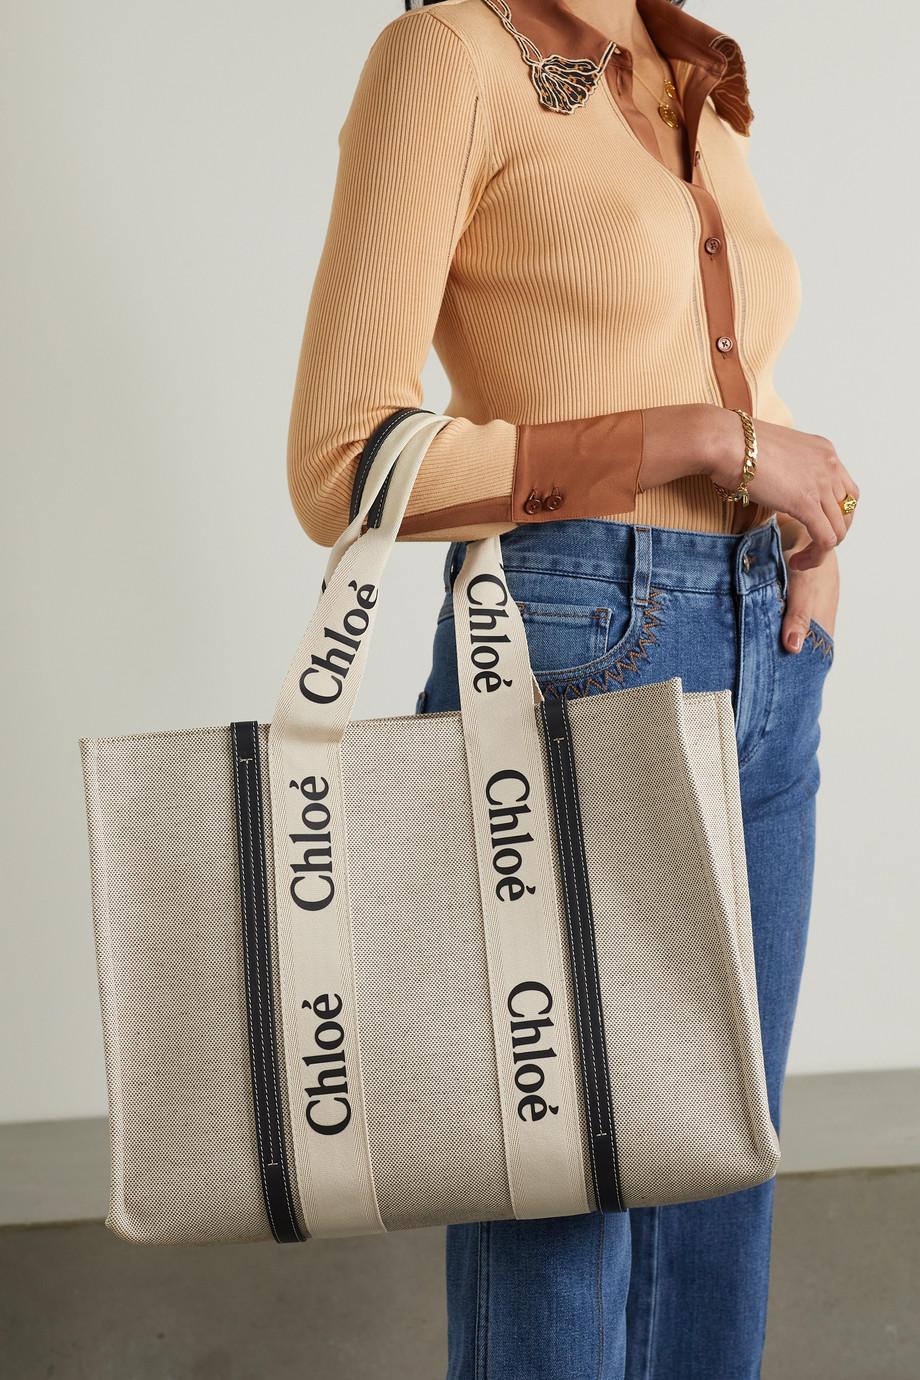 Chloé Sac à main en toile de coton à finitions en cuir Woody Large